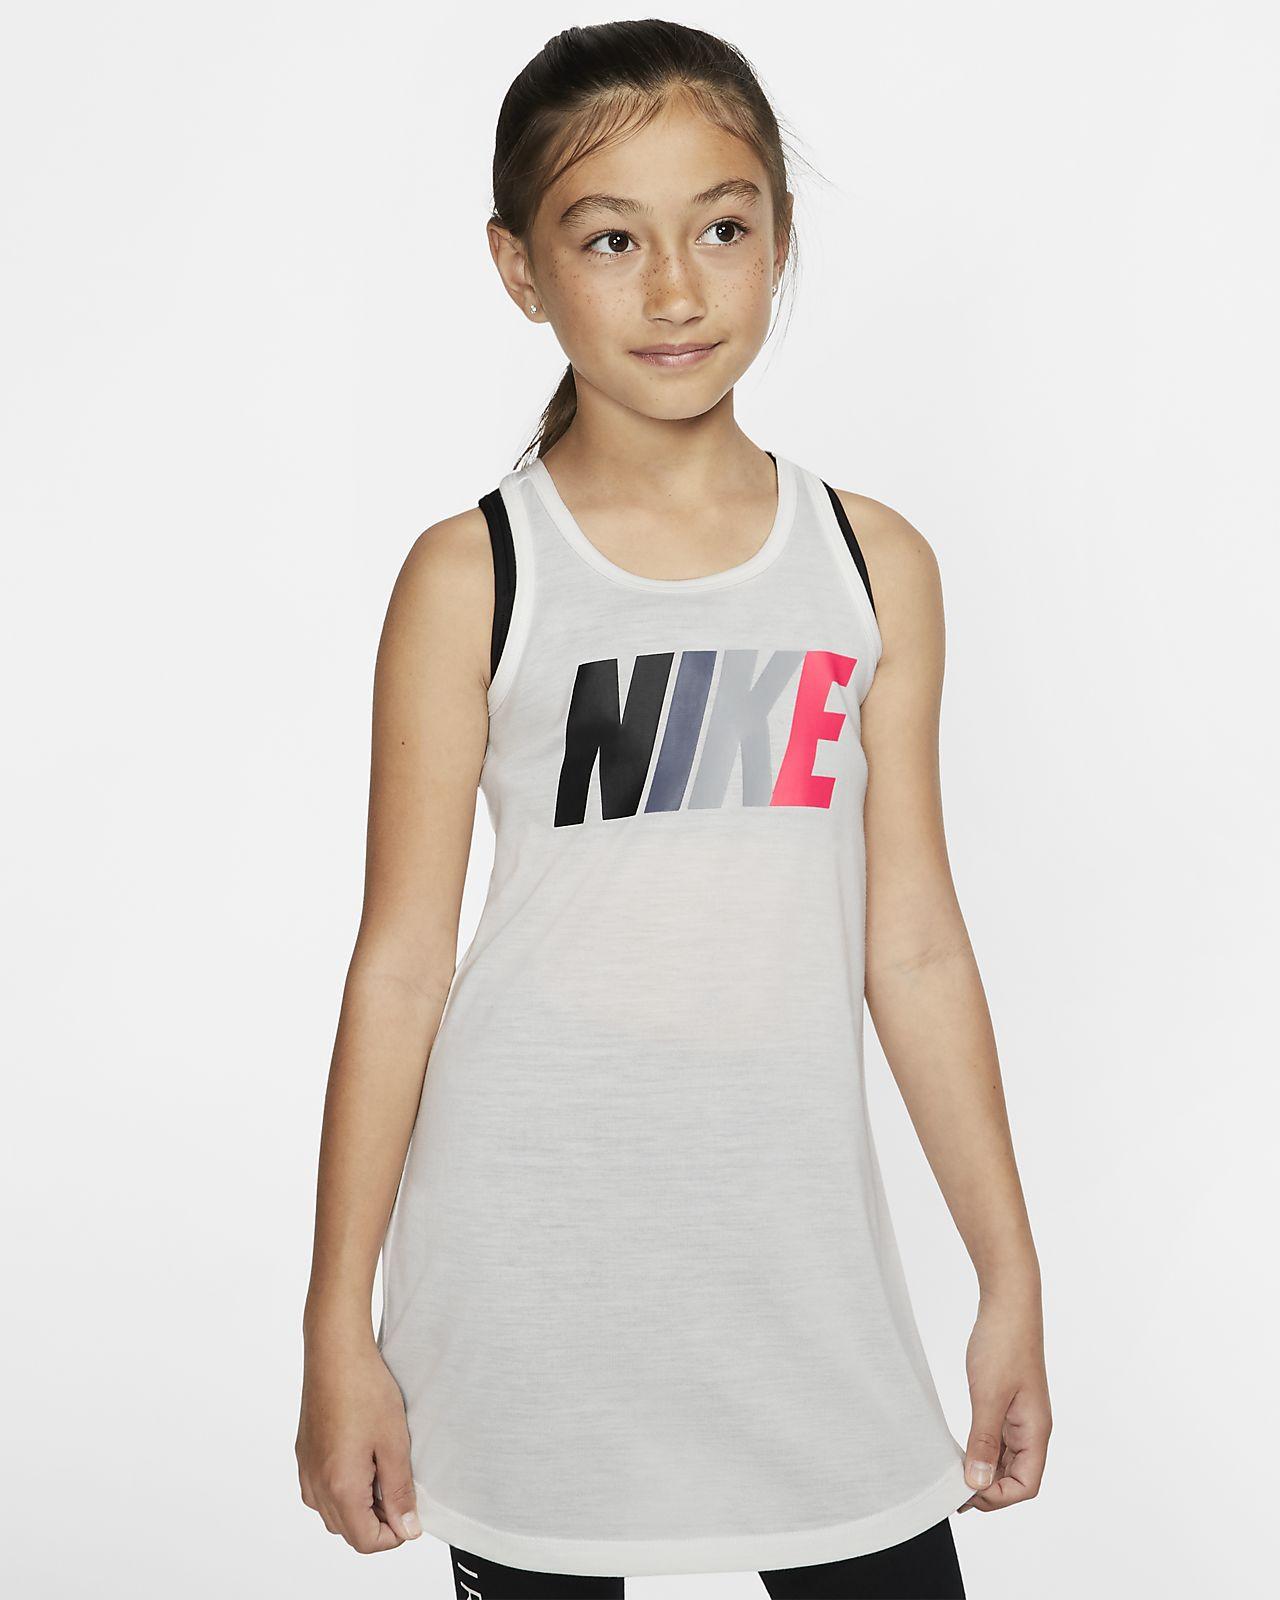 Klänning Nike JDI för barn